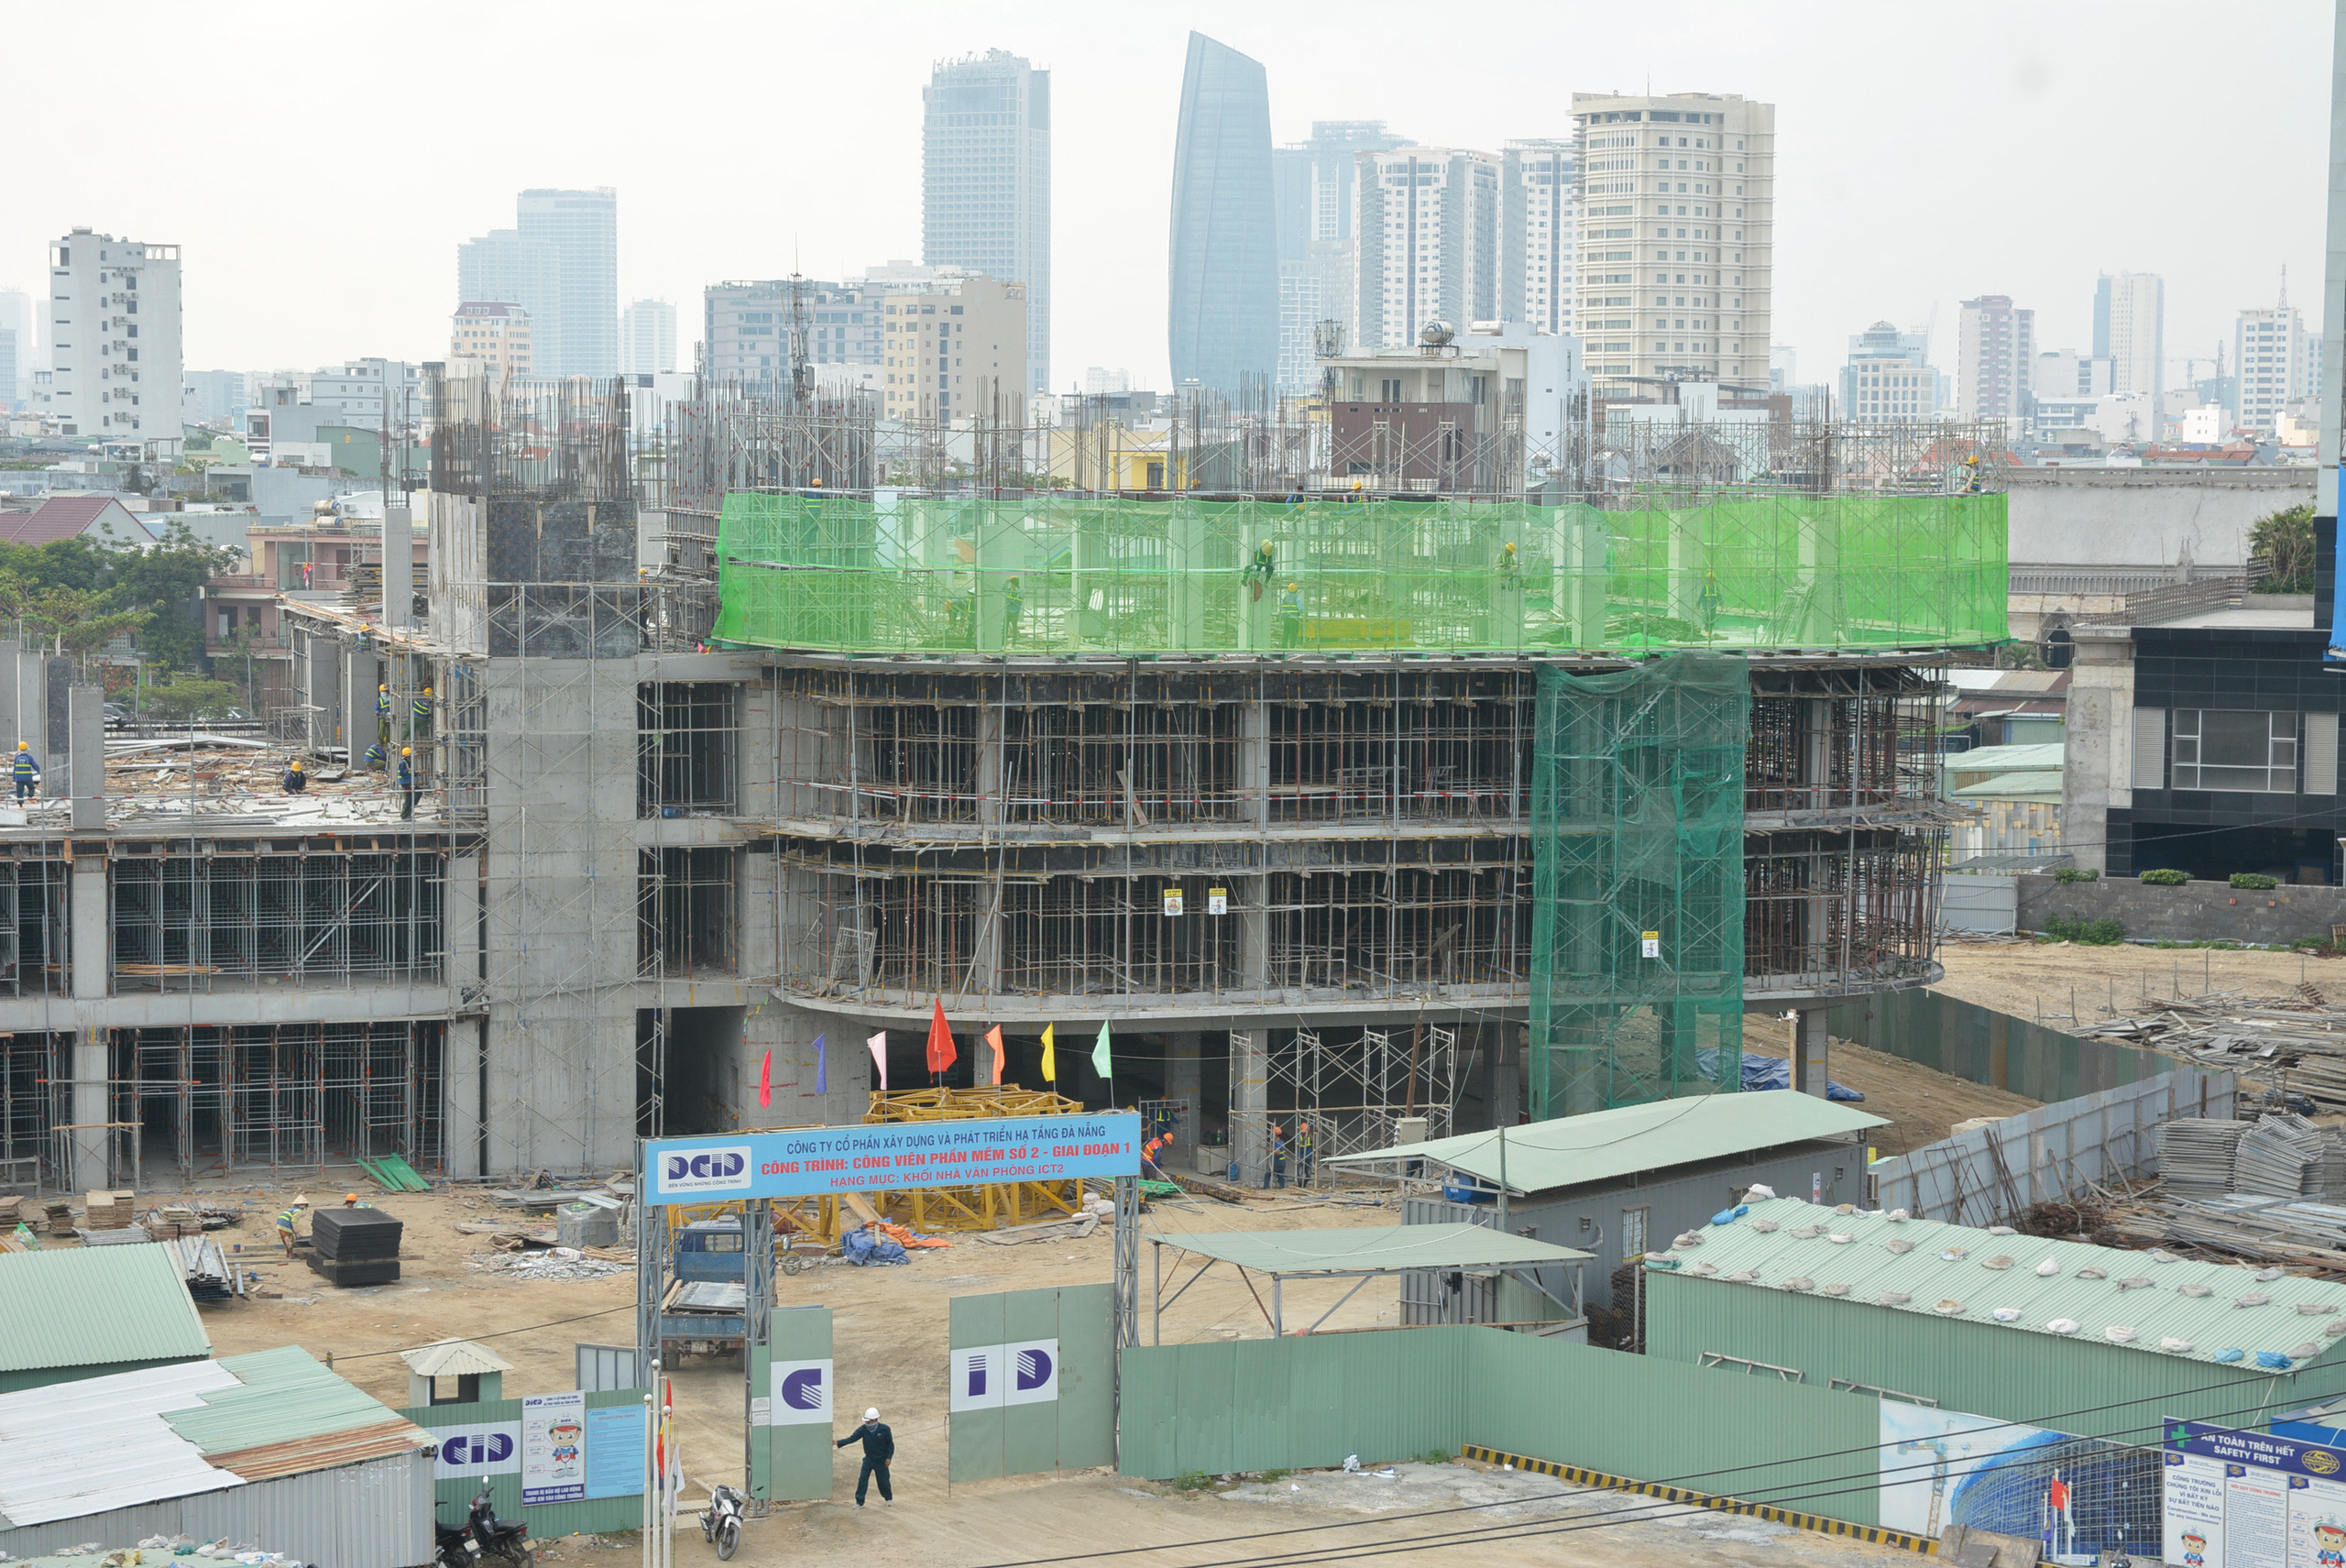 Dự án Khu công viên phần mềm số 2 hơn 700 tỷ đồng Đà Nẵng thành hình sau 5 tháng thi công - Ảnh 9.